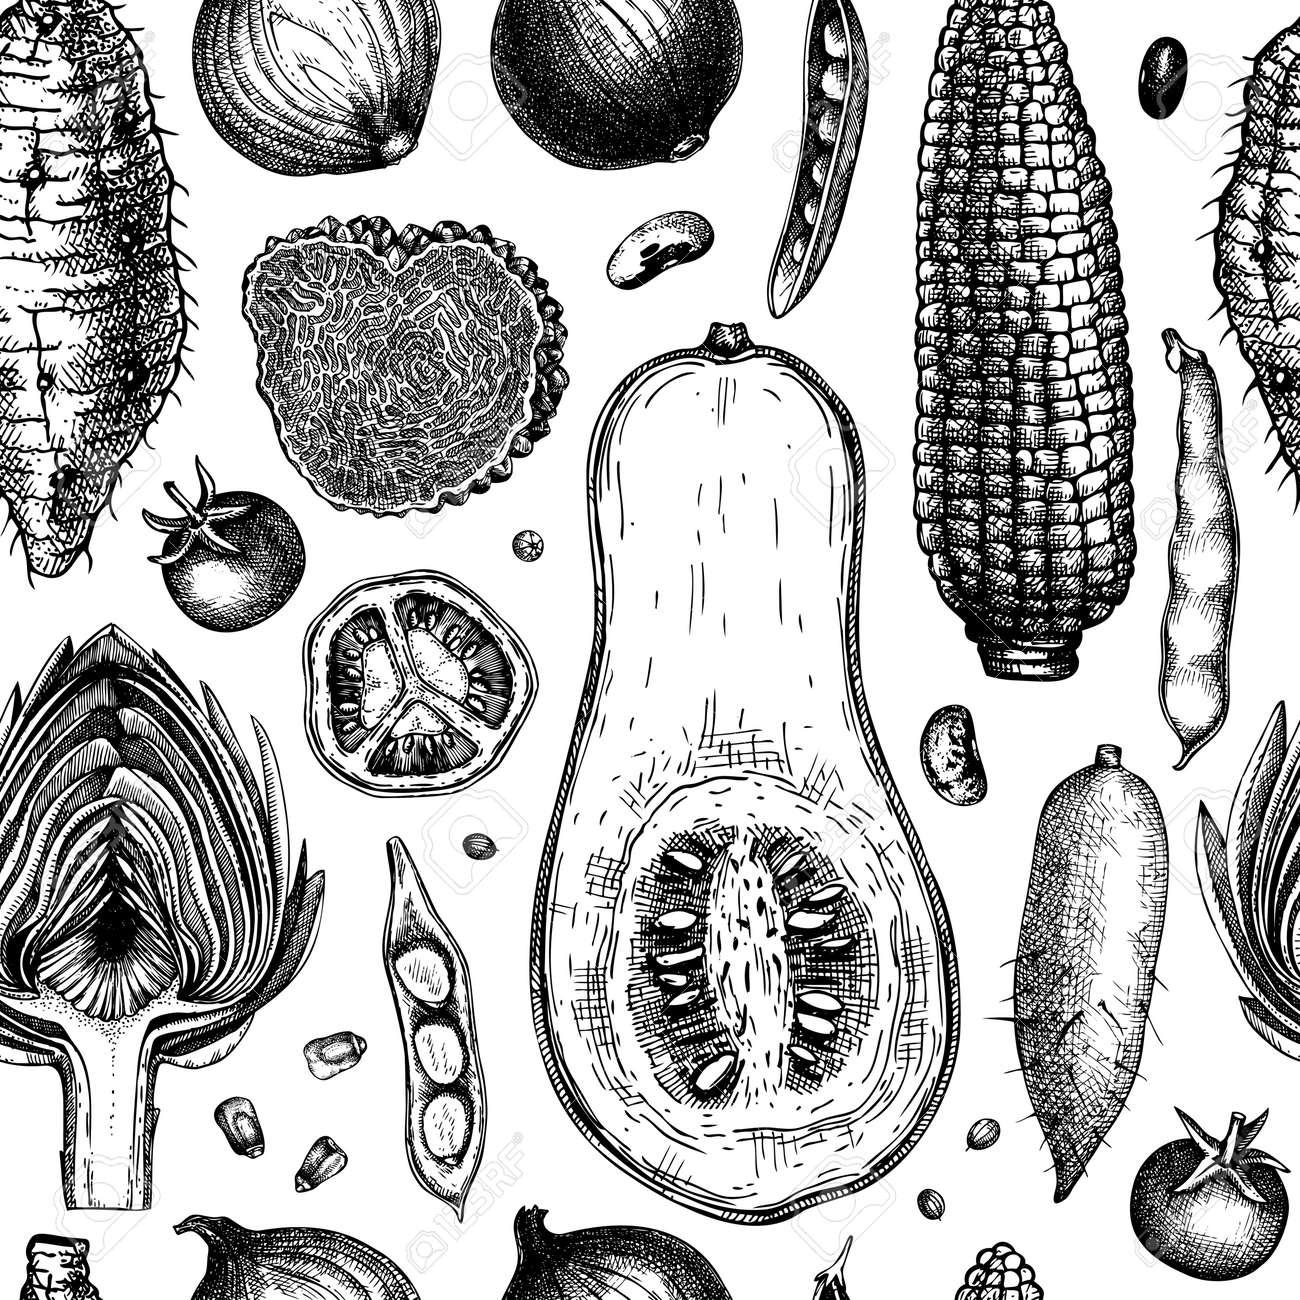 Seasonal vegetable pattern. - 170259437